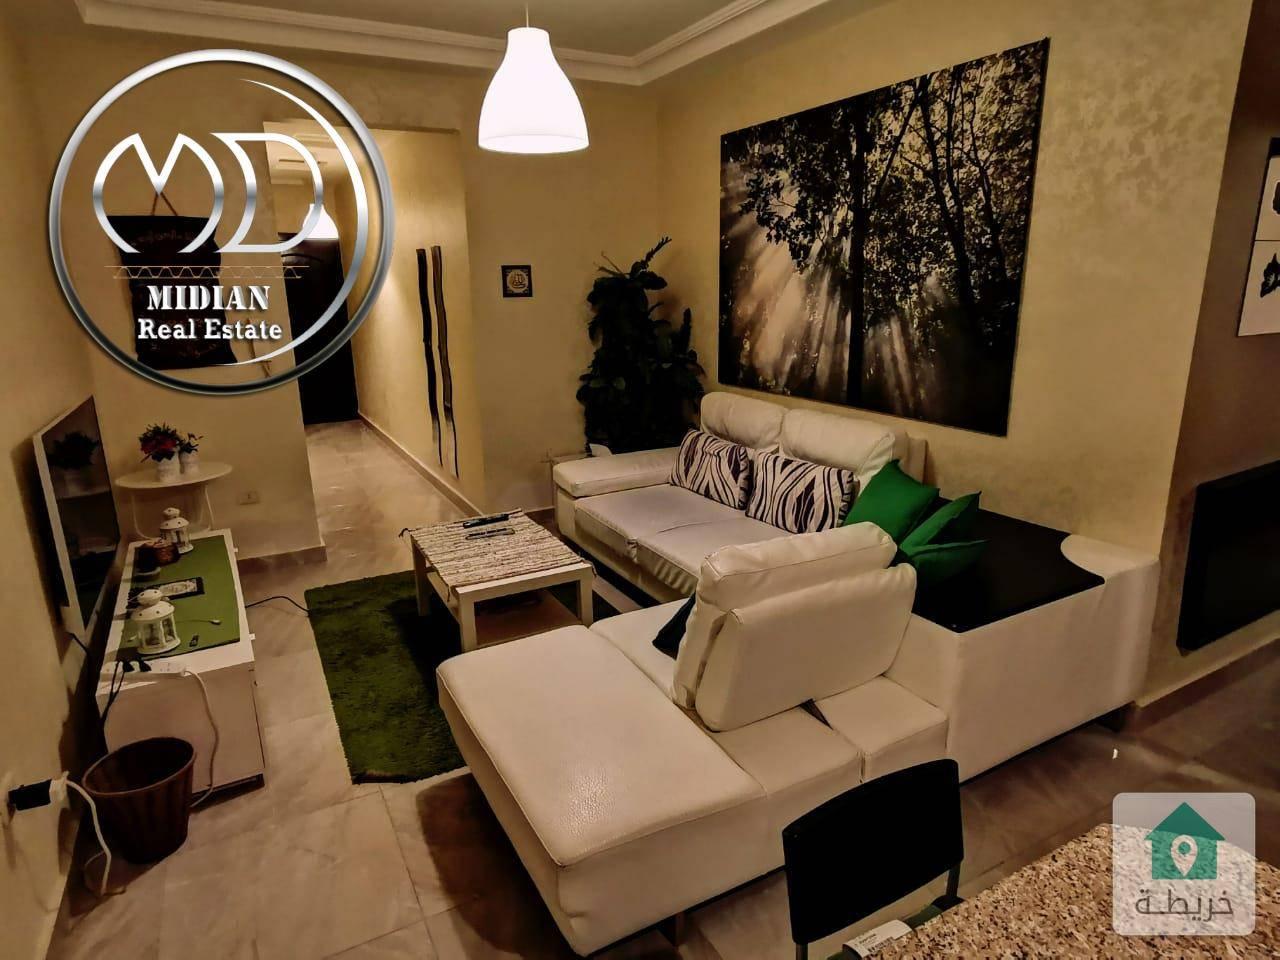 شقة مفروشة للايجار السابع مساحة 90م طابق ثاني سوبر ديلوكس